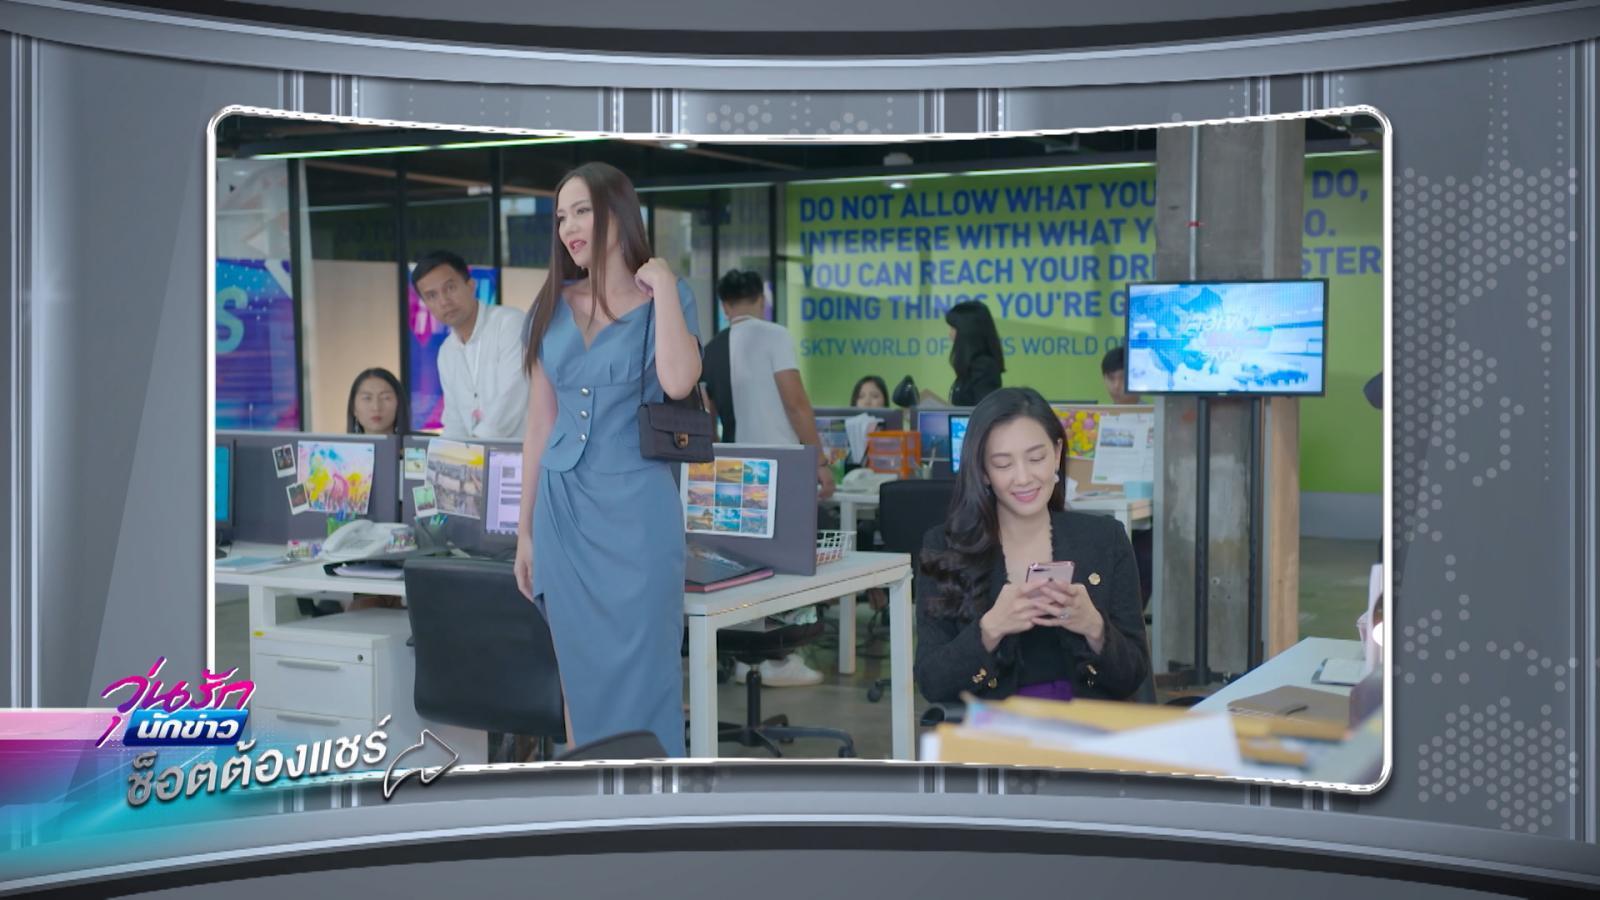 วุ่นรักนักข่าว EP.22 | ฟินสุด | ช็อตต้องแชร์ | PPTV HD 36